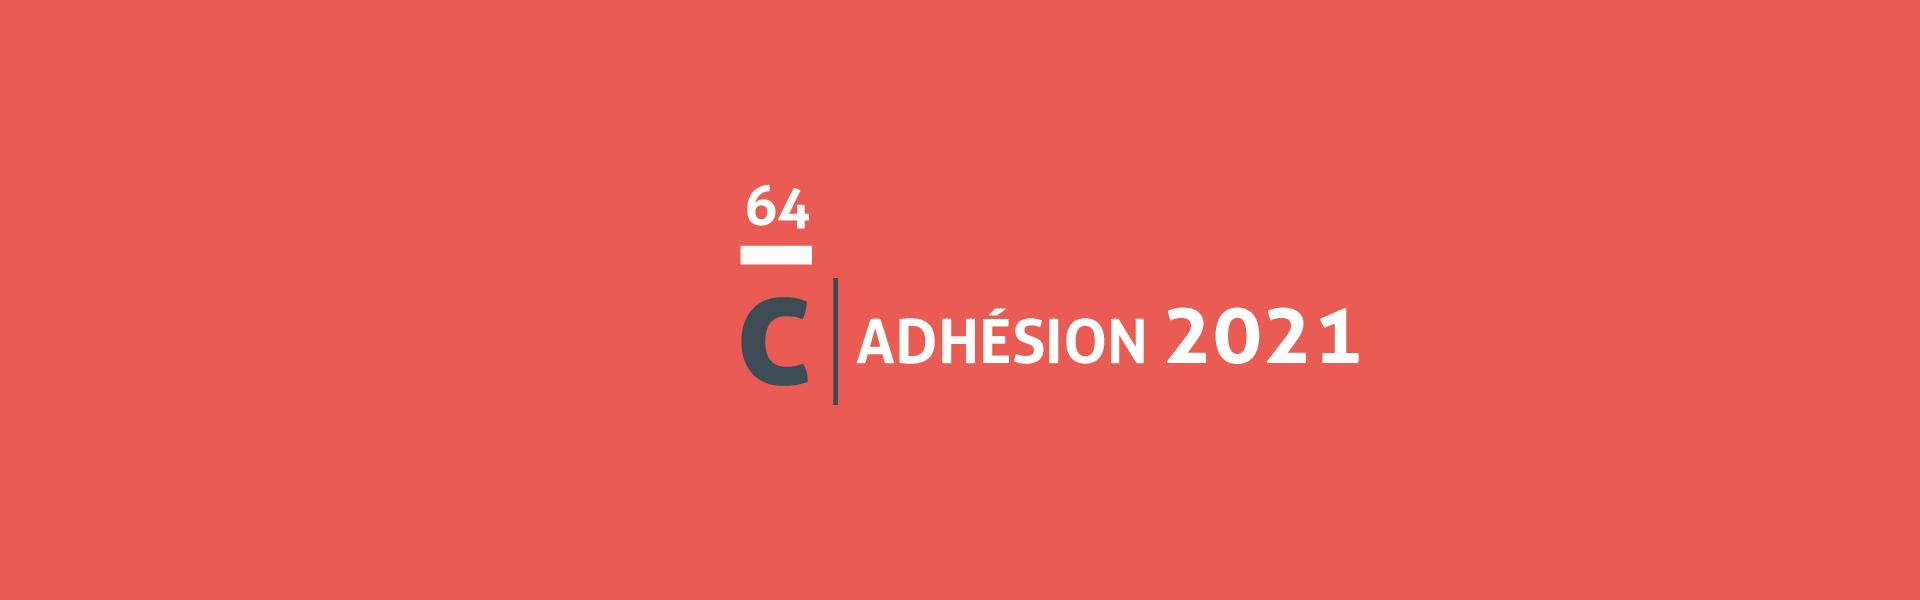 Votre adhésion pour 2021 constitue un soutien fondamental à l'ensemble de nos missions